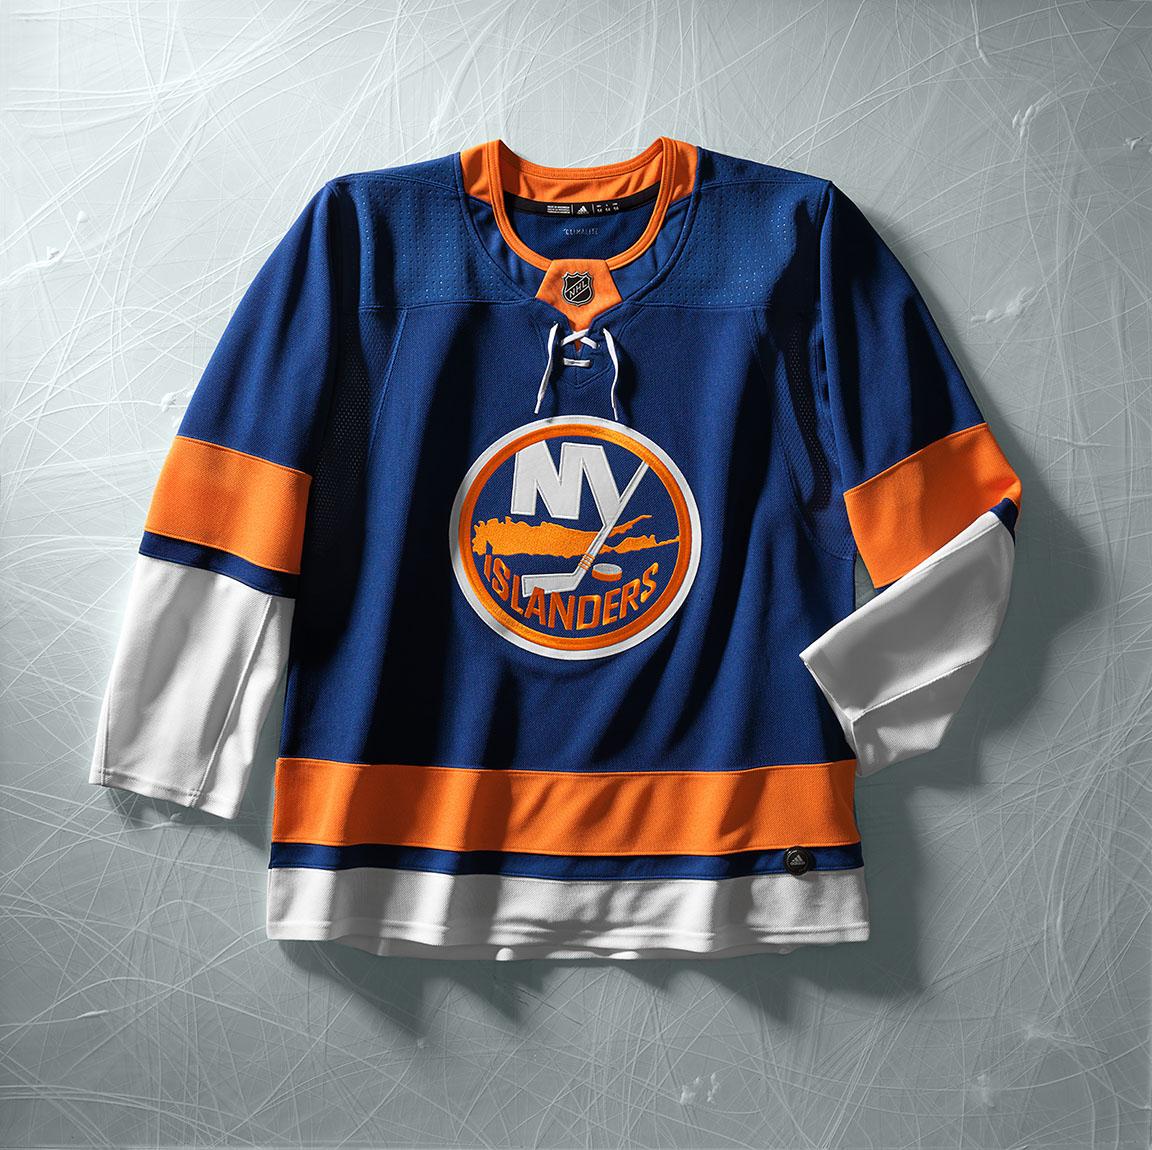 nhl adidas adizero Authentic Pro Hockey Jerseys NY Islanders